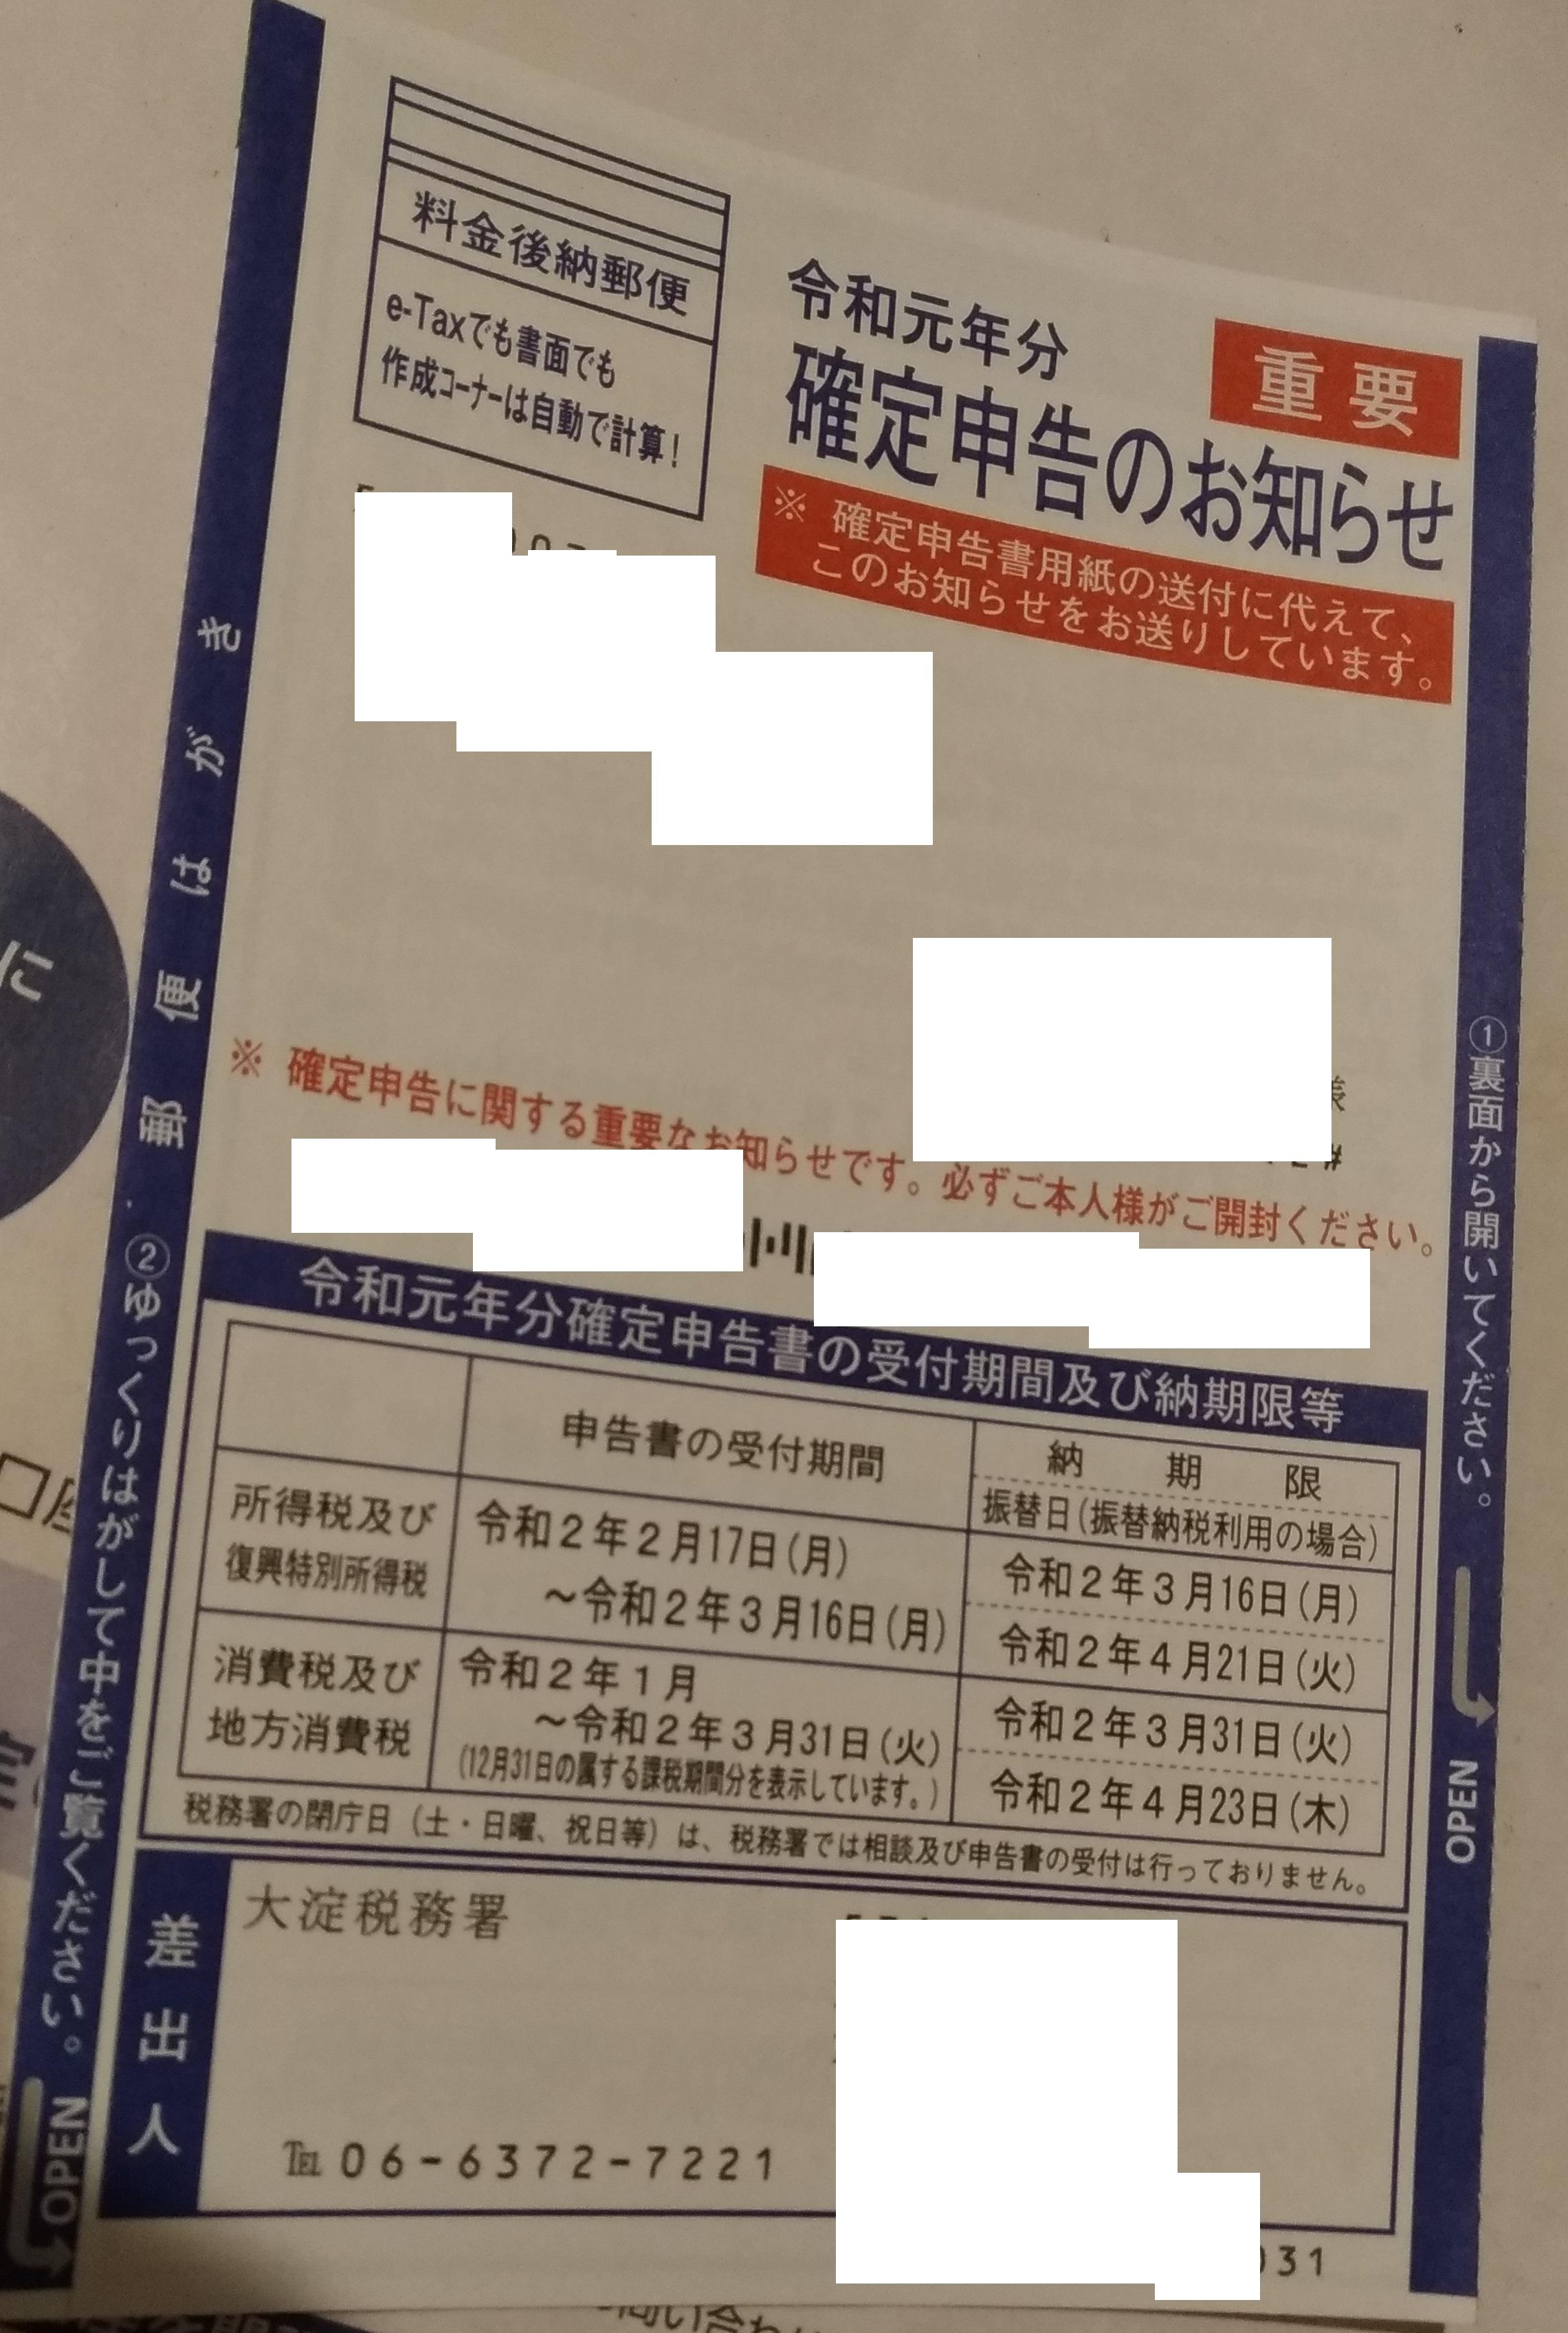 kakutei_shinkoku_2020_new_1.jpg